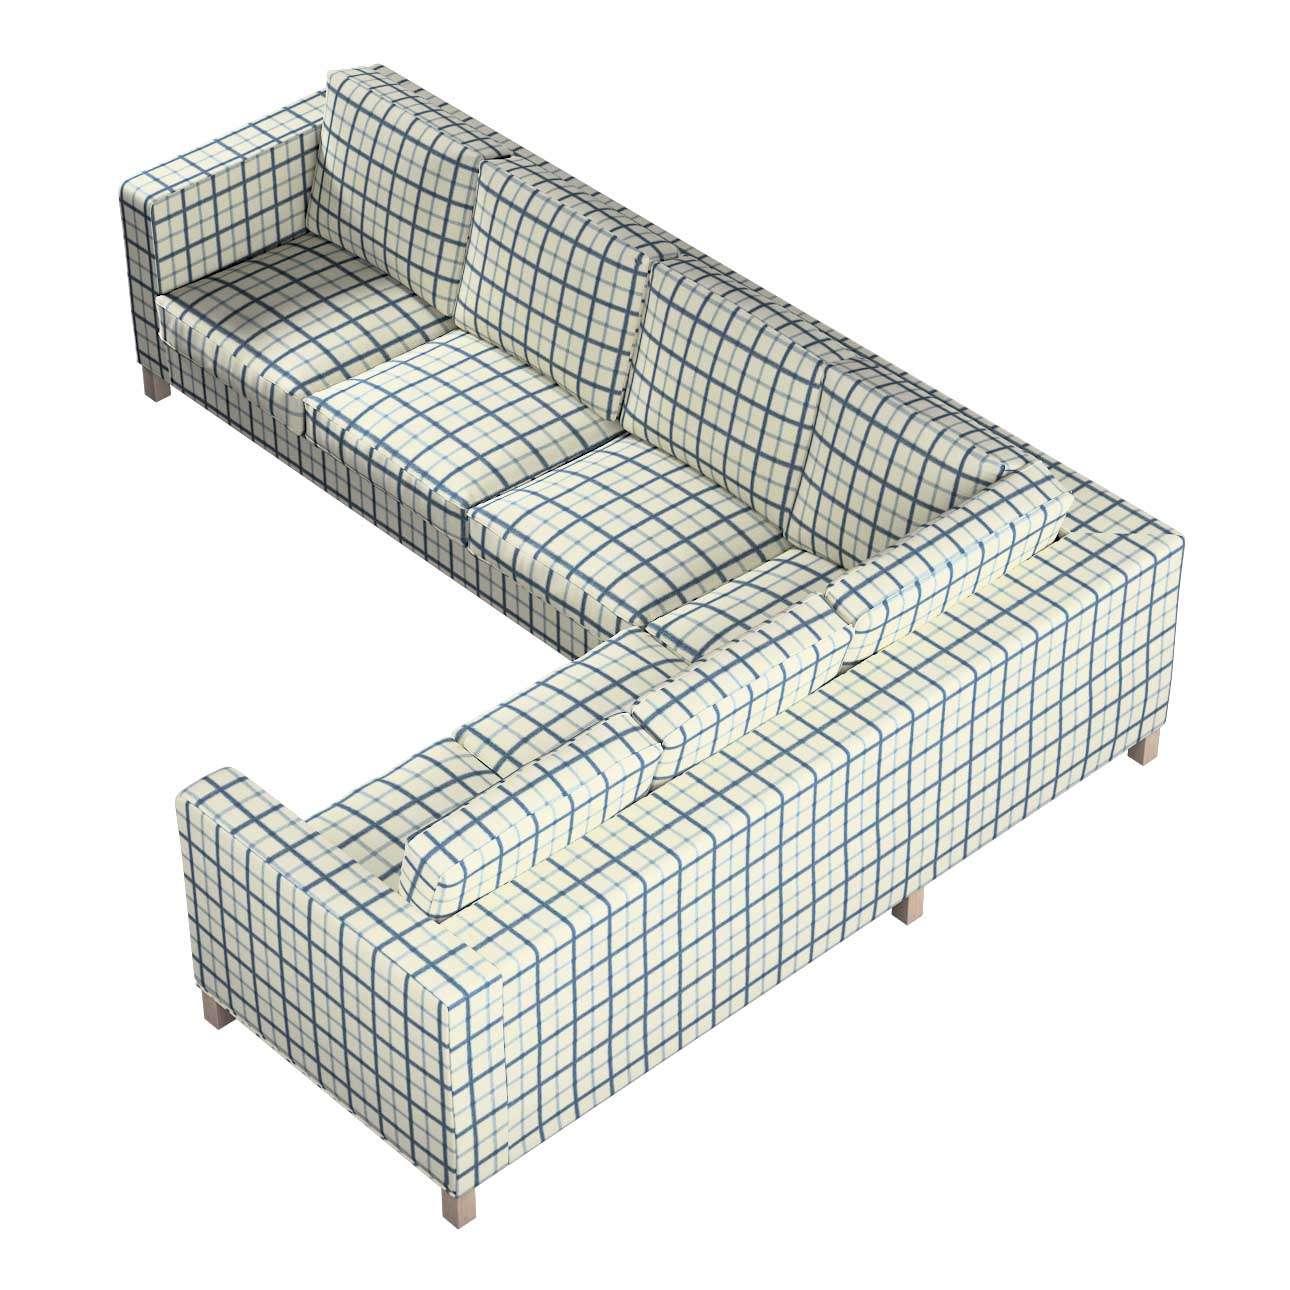 Pokrowiec na sofę narożną lewostronną Karlanda w kolekcji Avinon, tkanina: 131-66